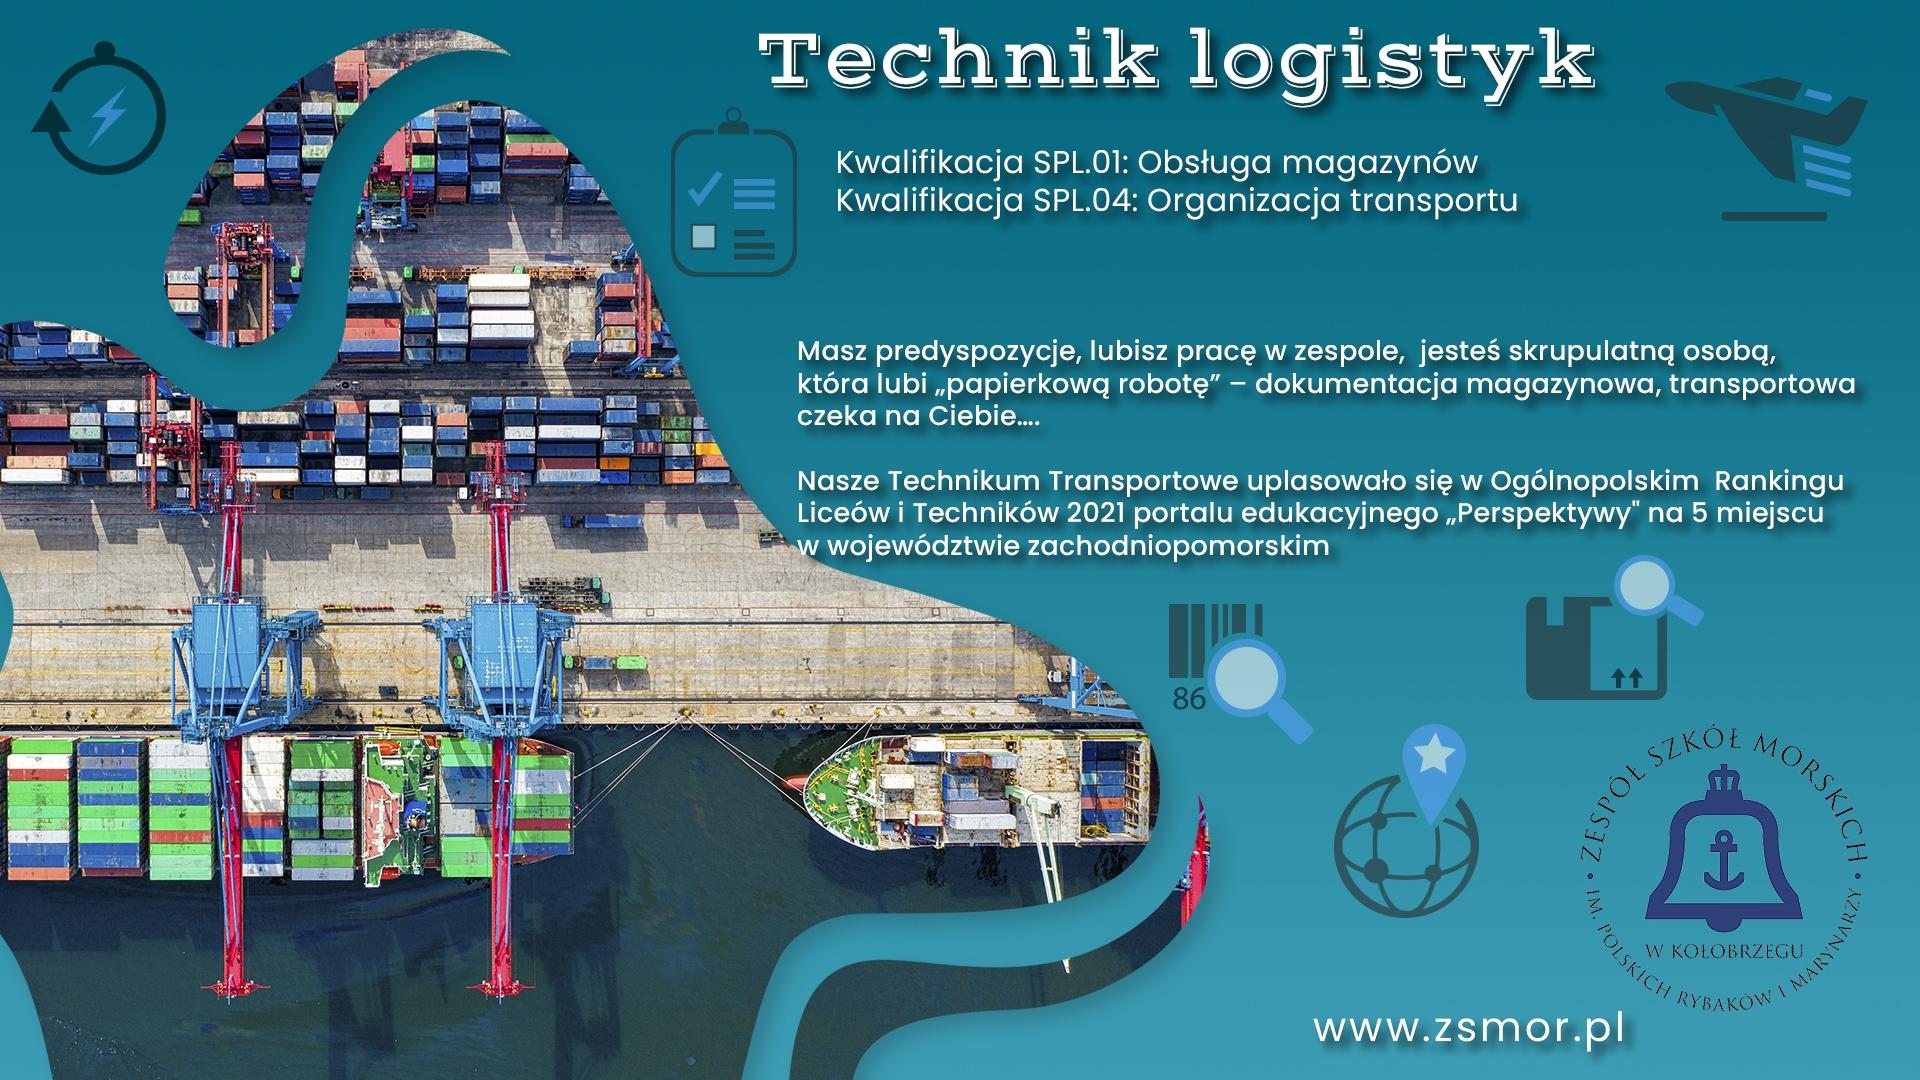 Plakat promujący kierunek logistyczny wZSM